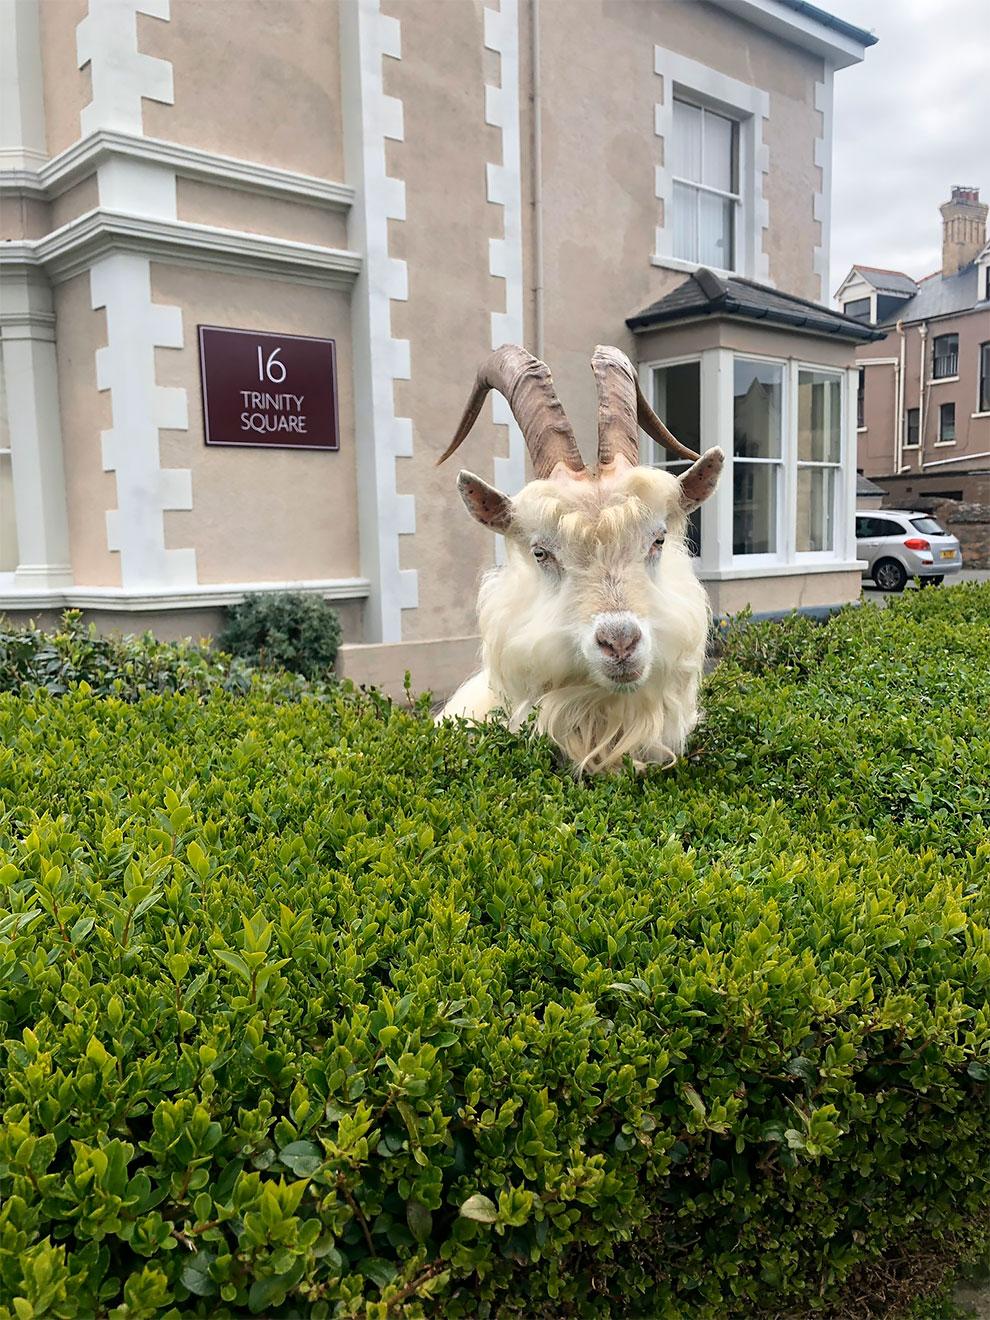 cabras en las calles de gales por cuarentena (8)